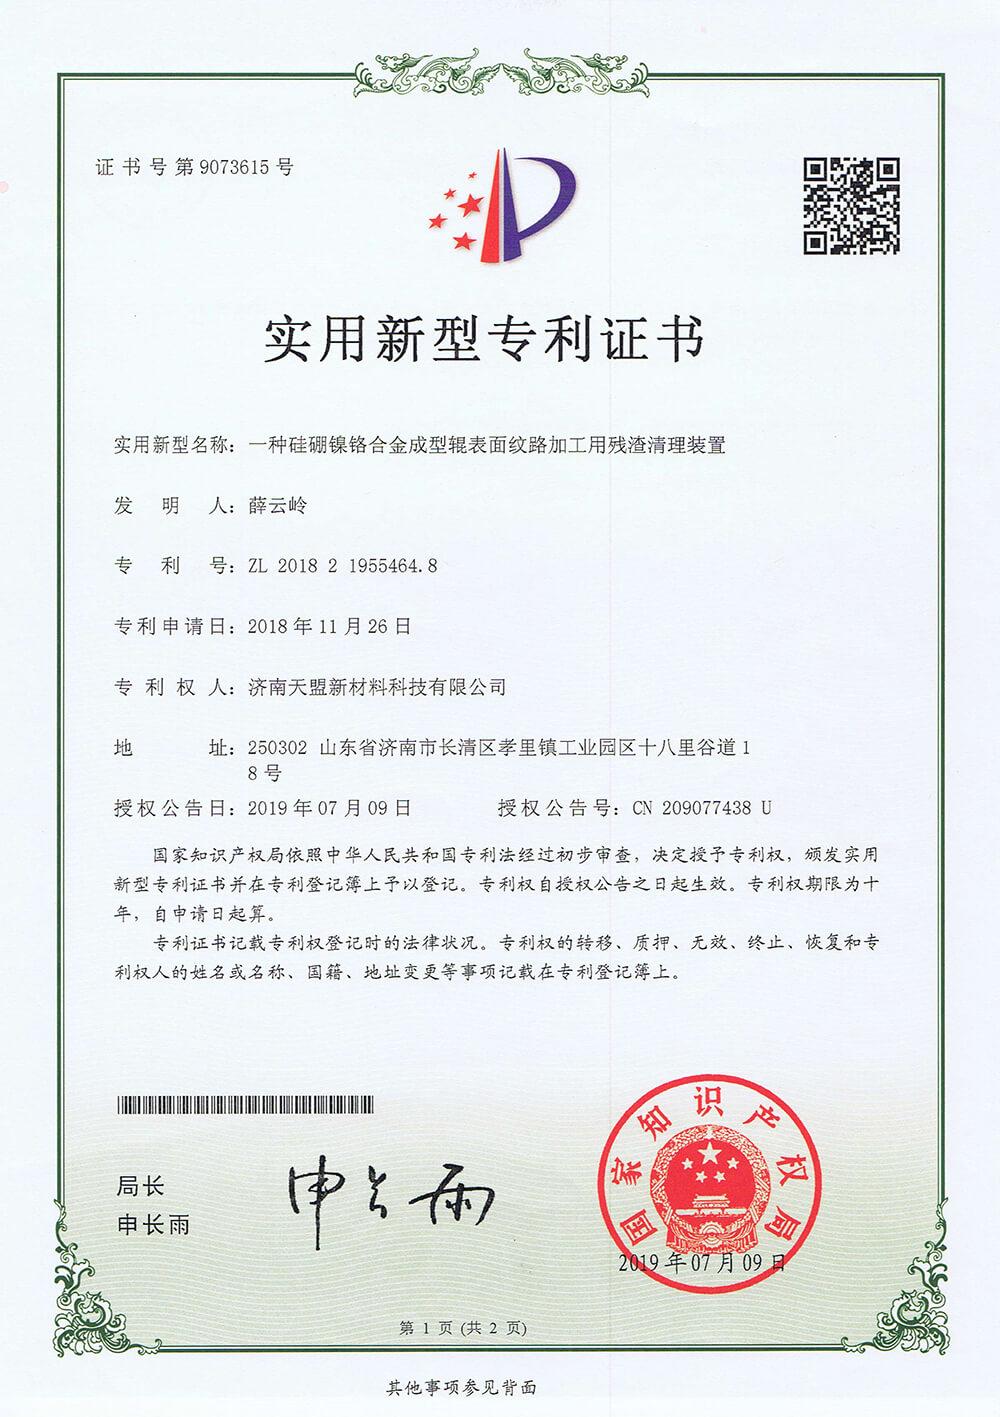 防腐耐磨涂层加工专利证